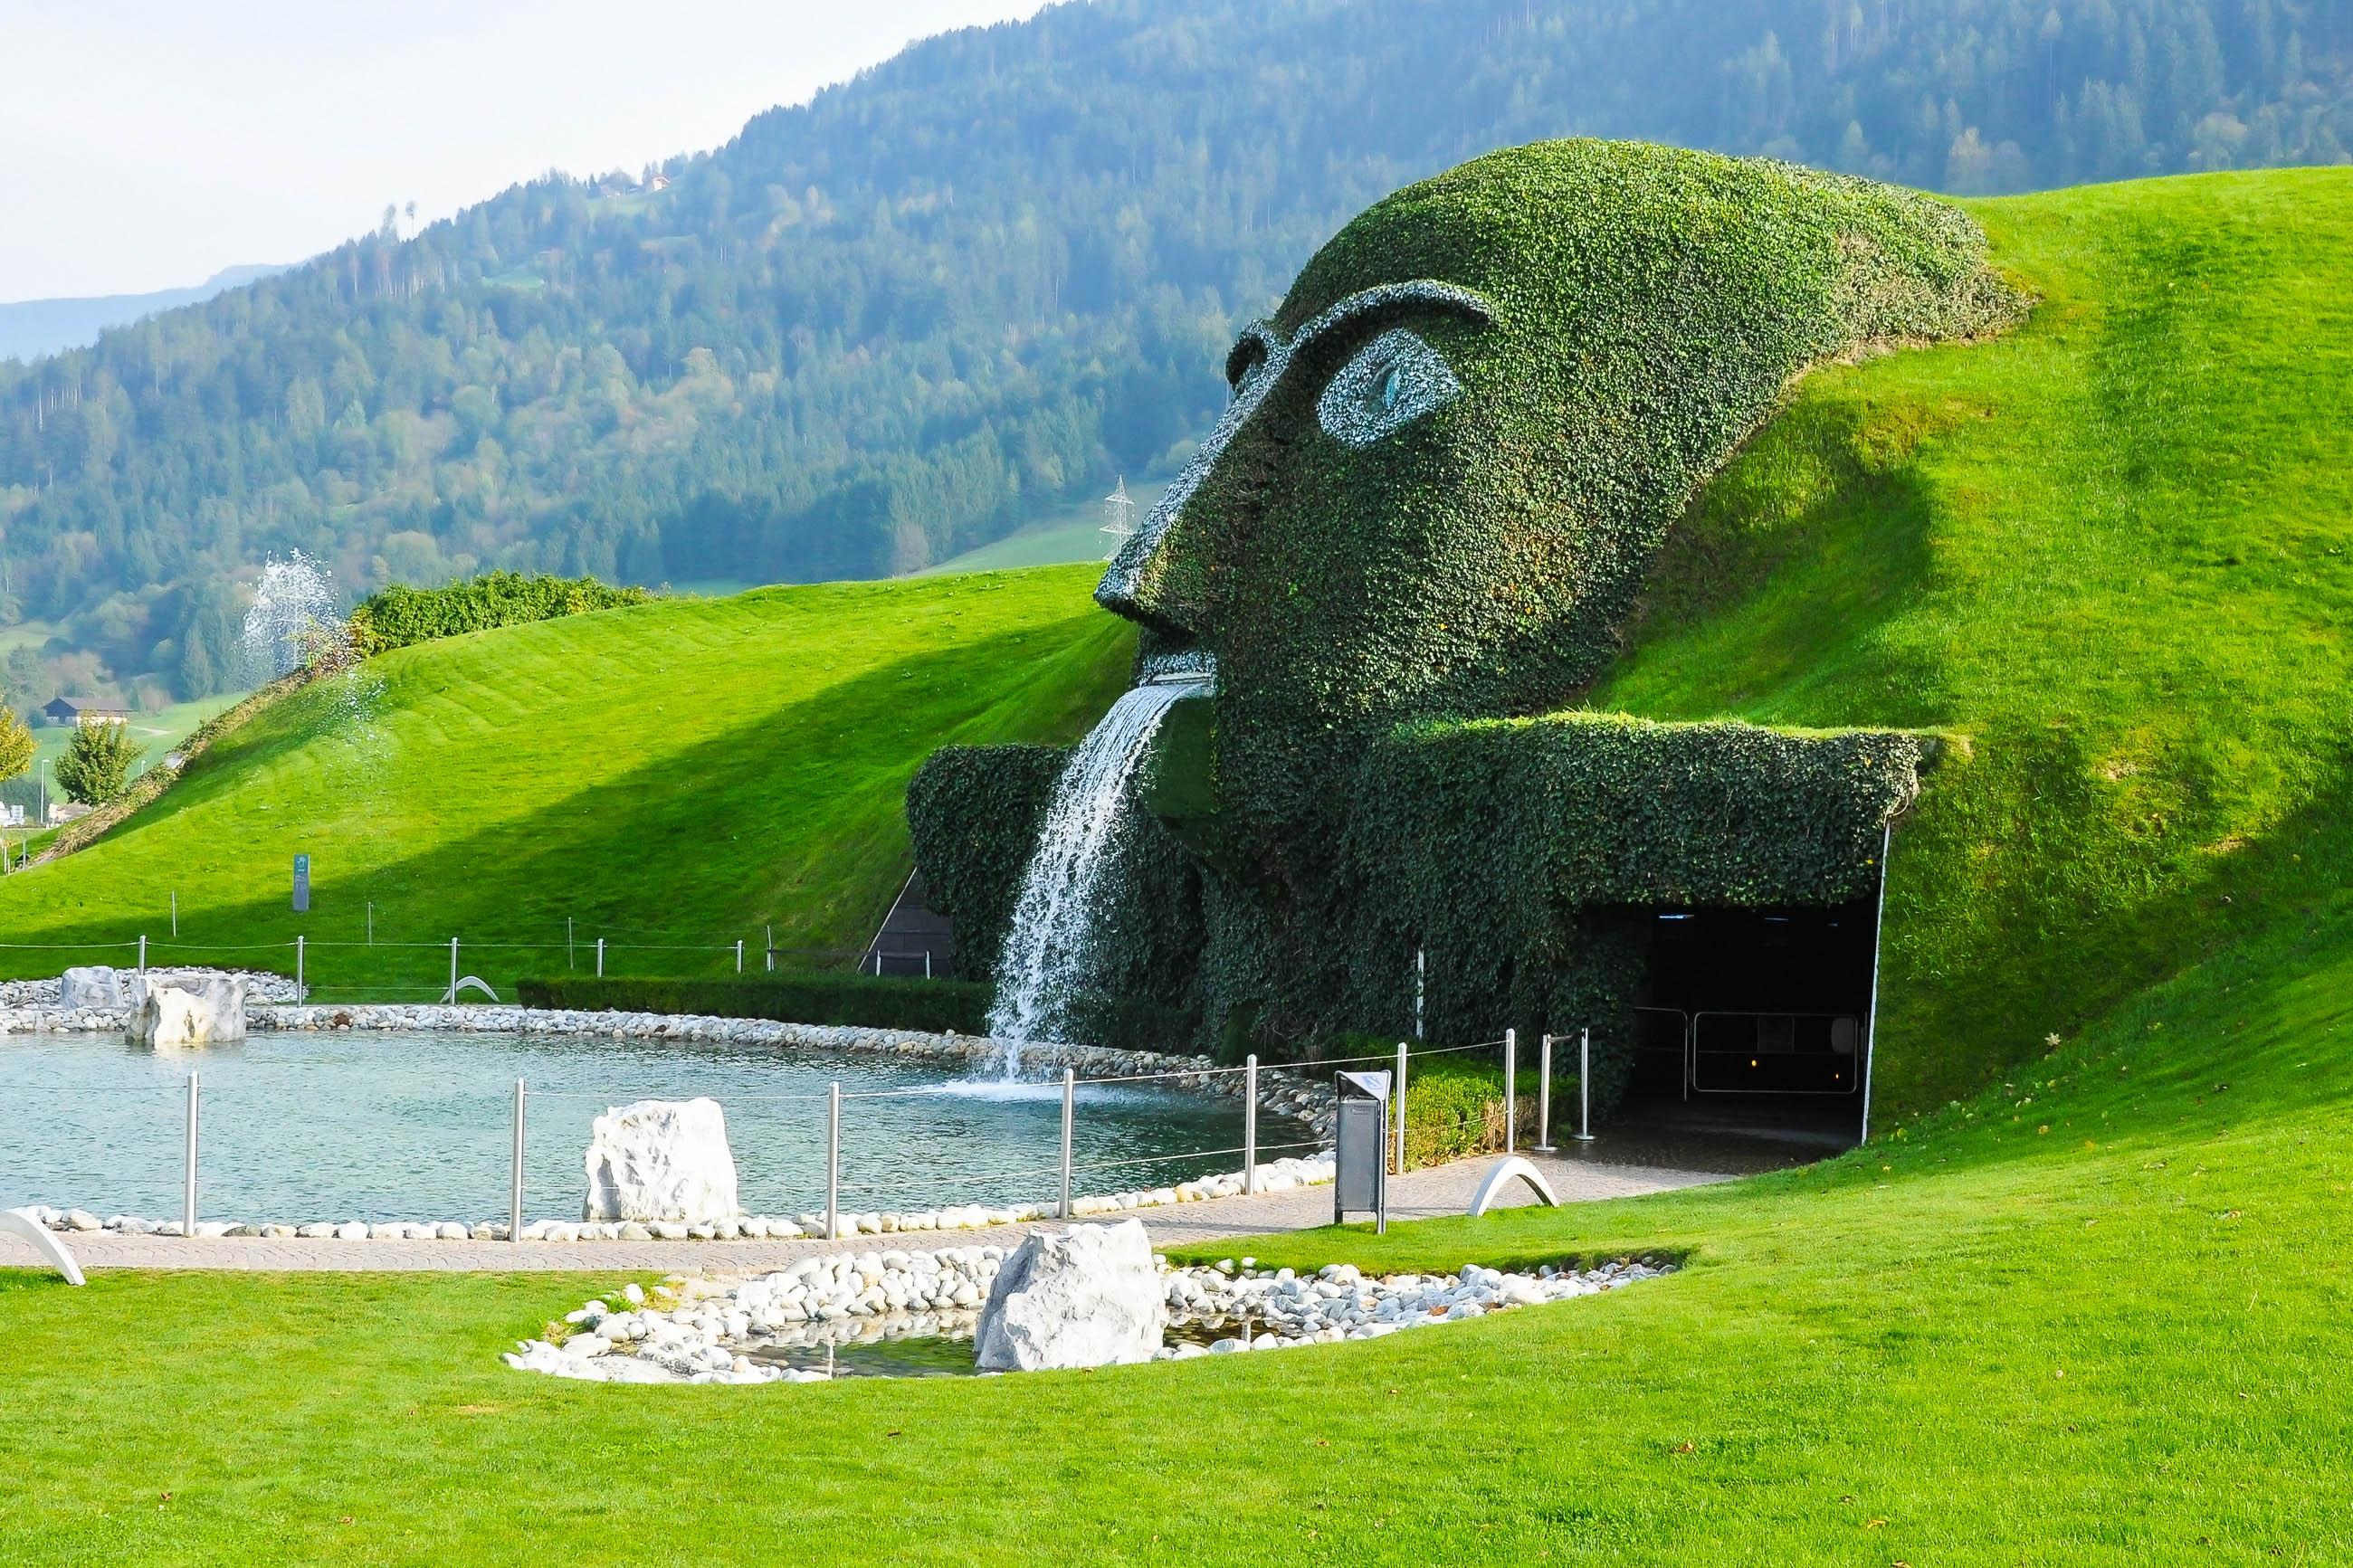 Swarovski Kristallwelten (Crystal Worlds) in Wattens, Tyrol, Austria | Franks Travelbox